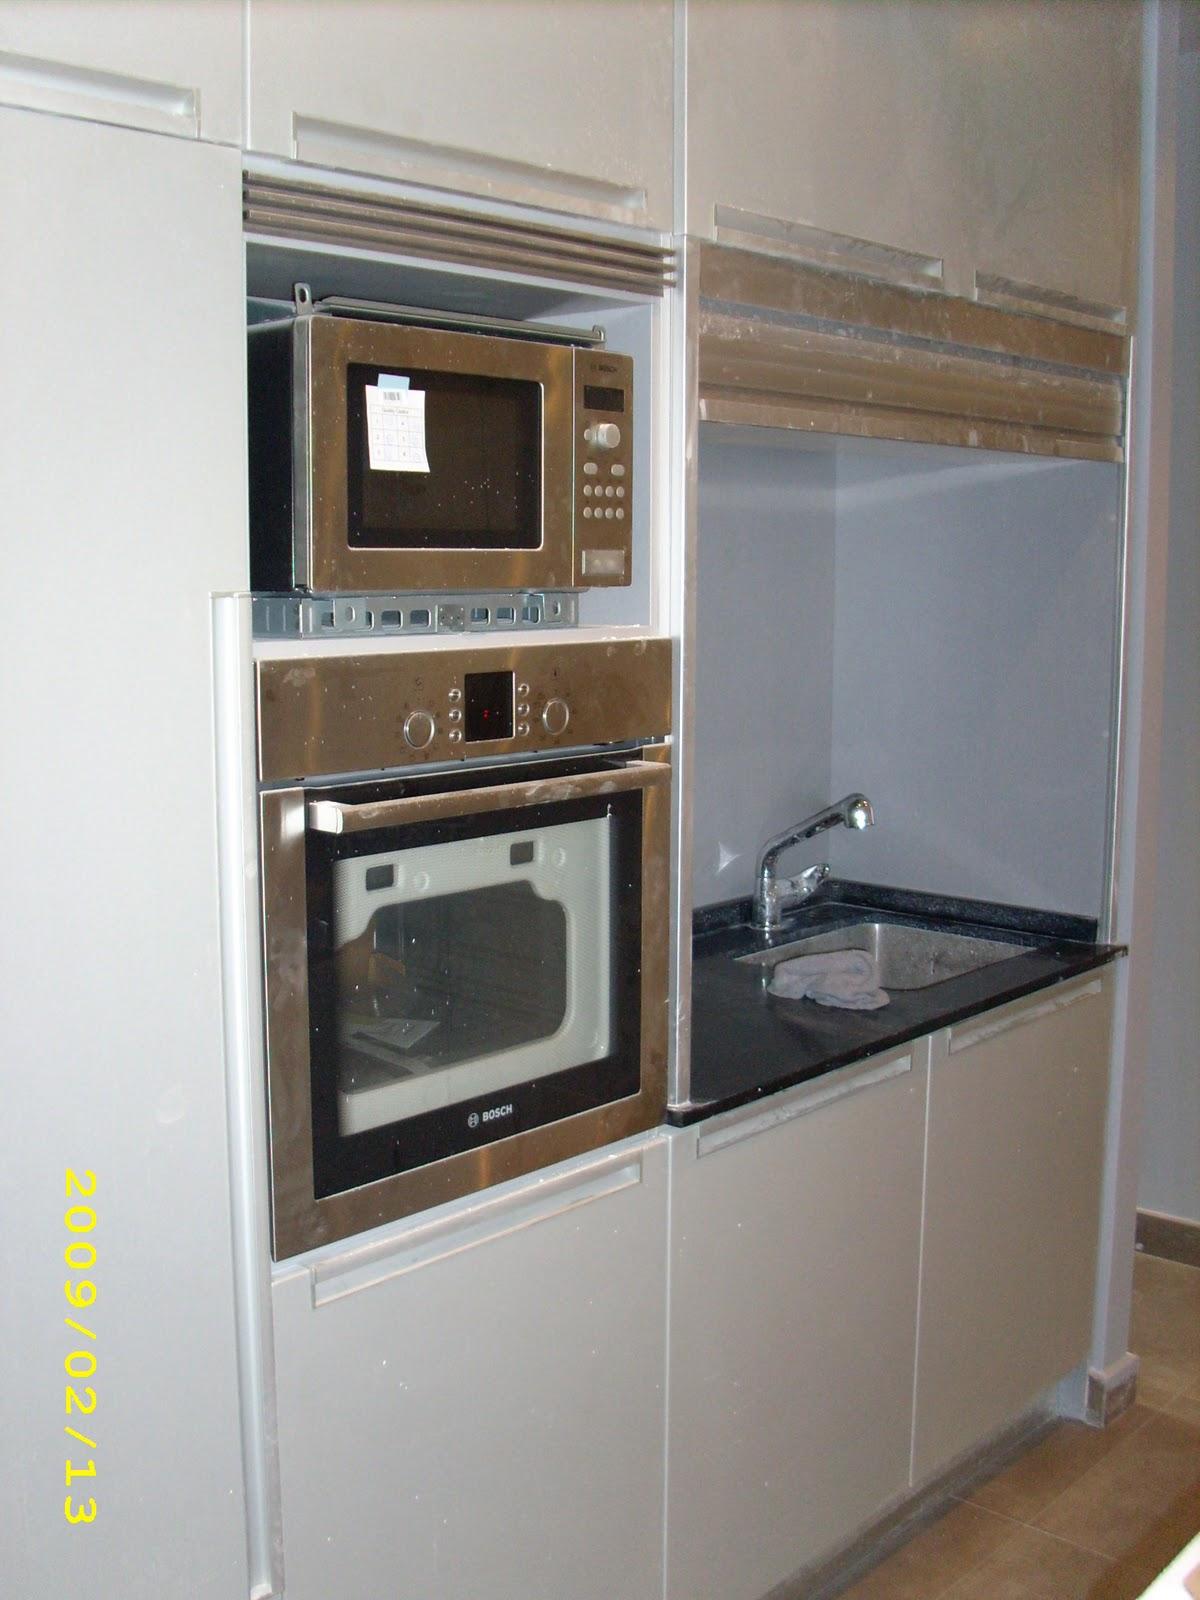 El baul de monica 14 mar 2011 - Cocina salon separados cristal ...